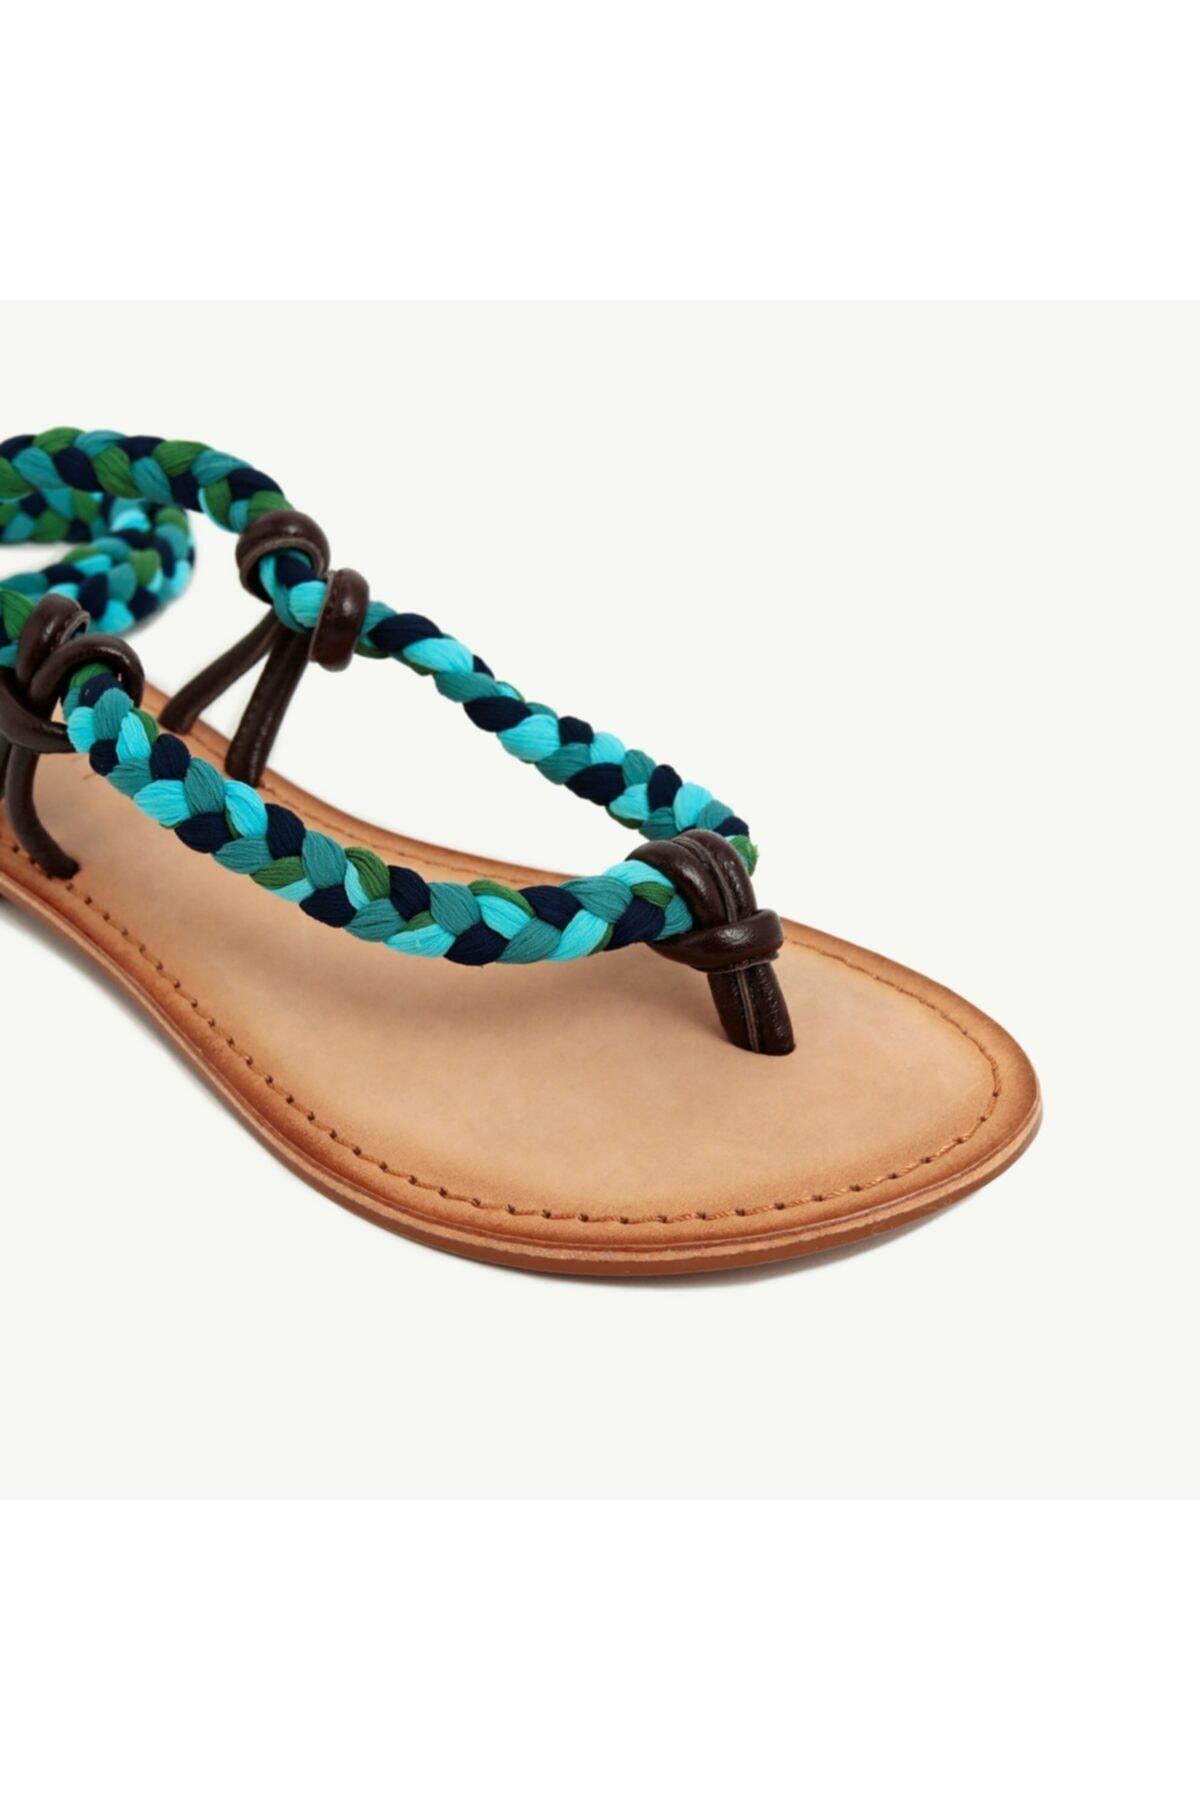 Yargıcı Kadın Çok Renkli Kumaş Bağlamalı Deri Sandalet 9YKAY4029X 2